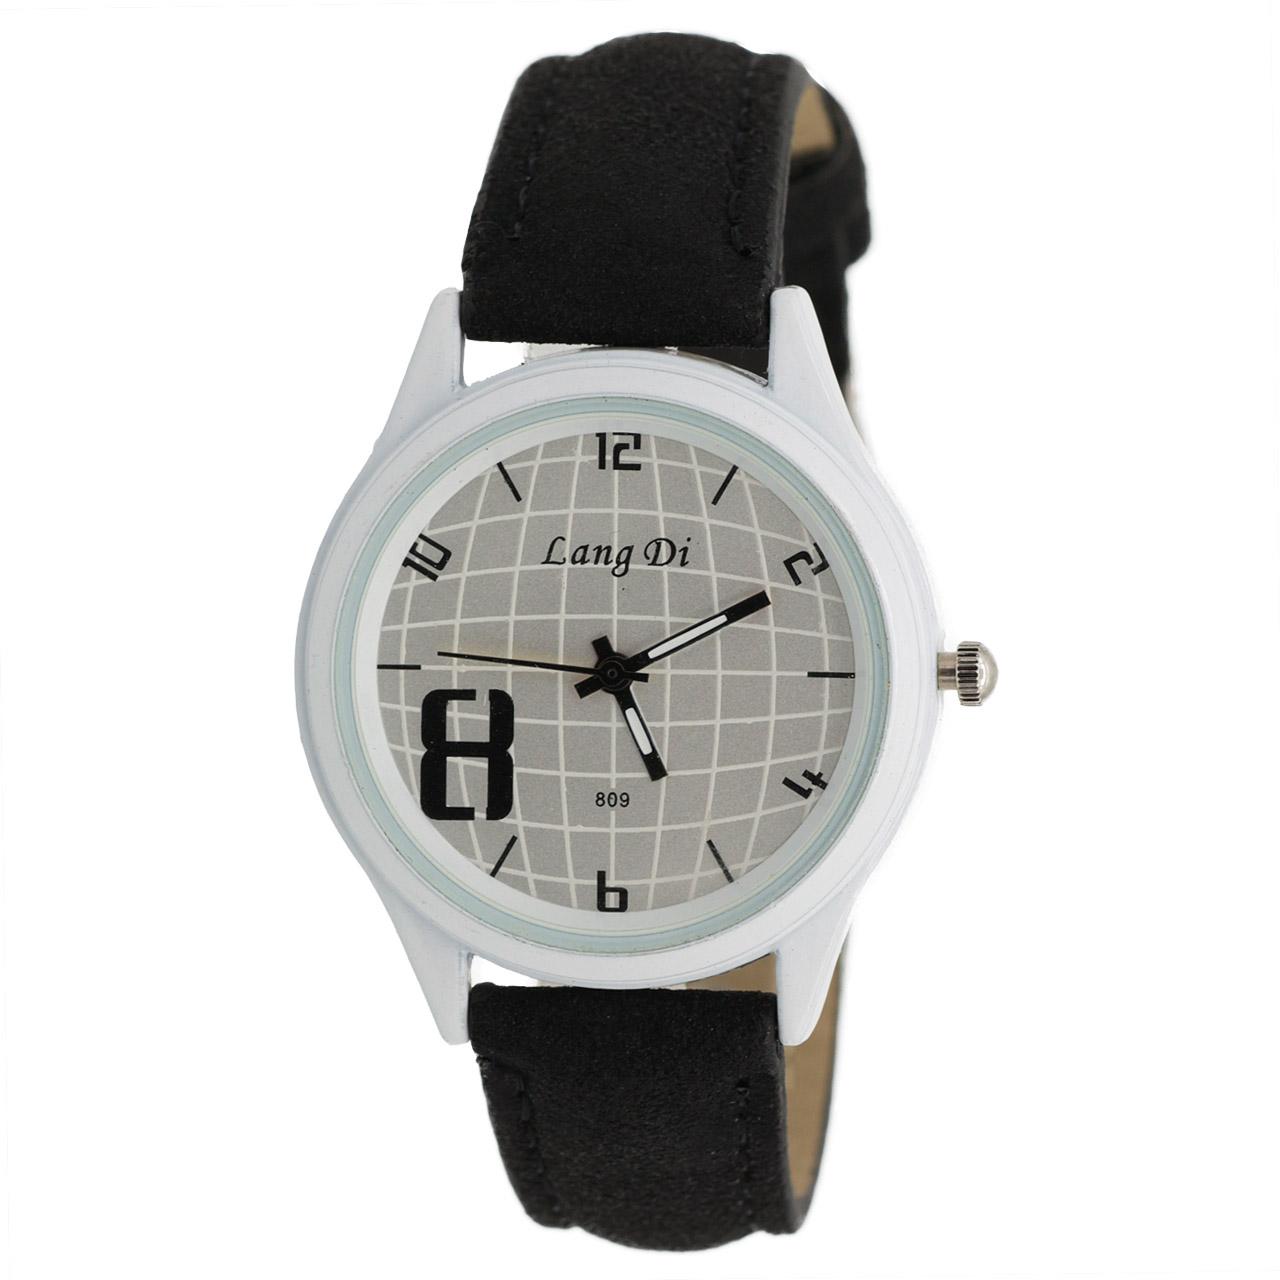 ساعت مچی عقربه ای زنانه لانگ دی مدل LD1883